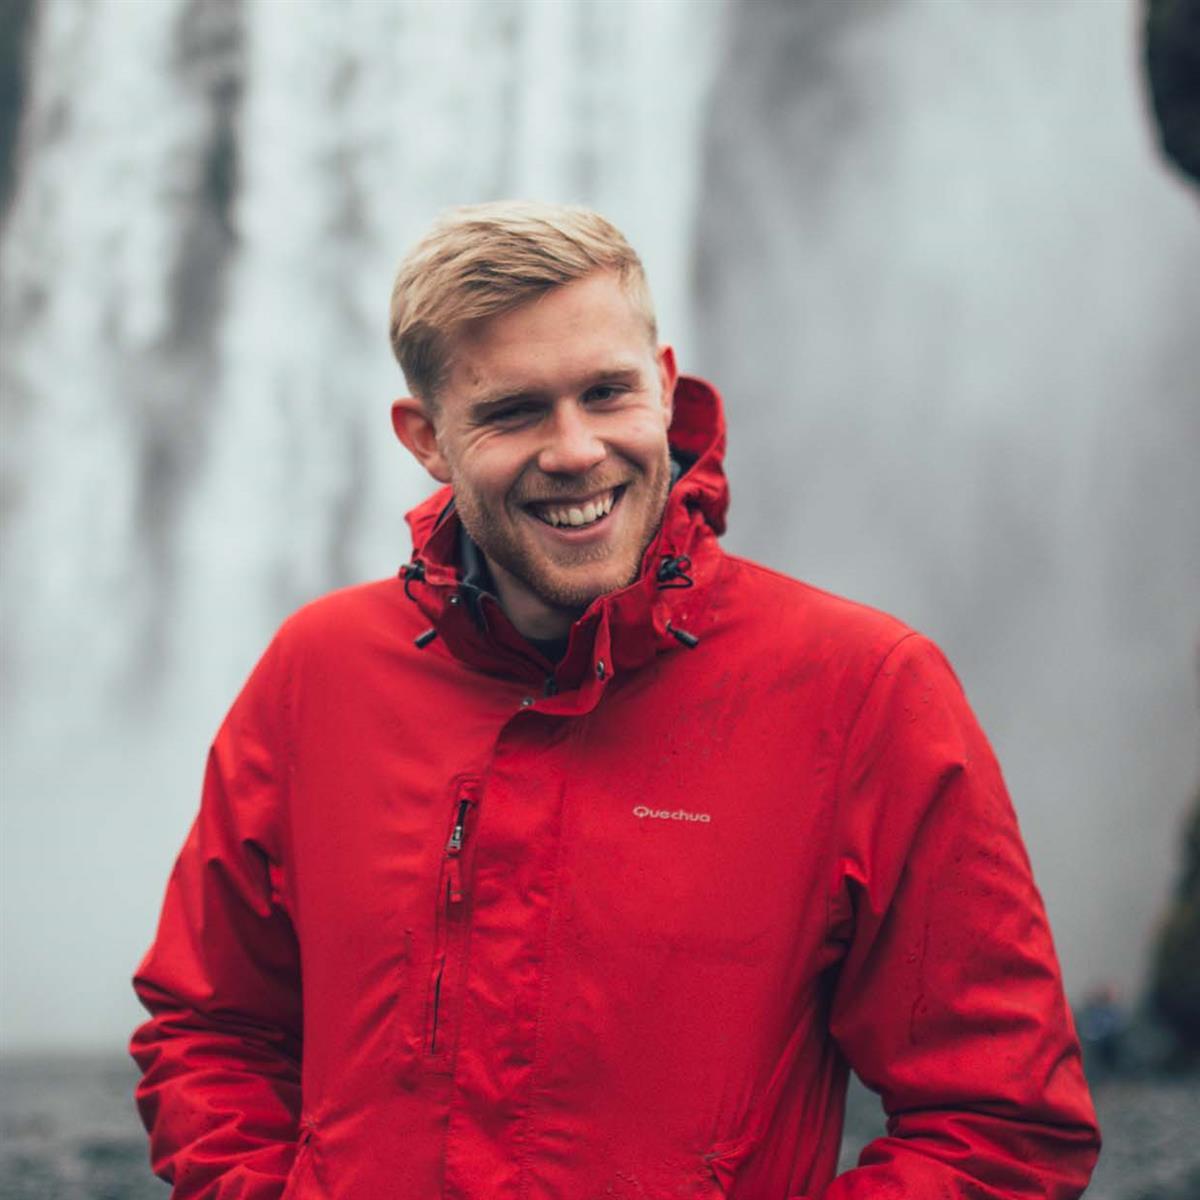 Profilbild von Tim.